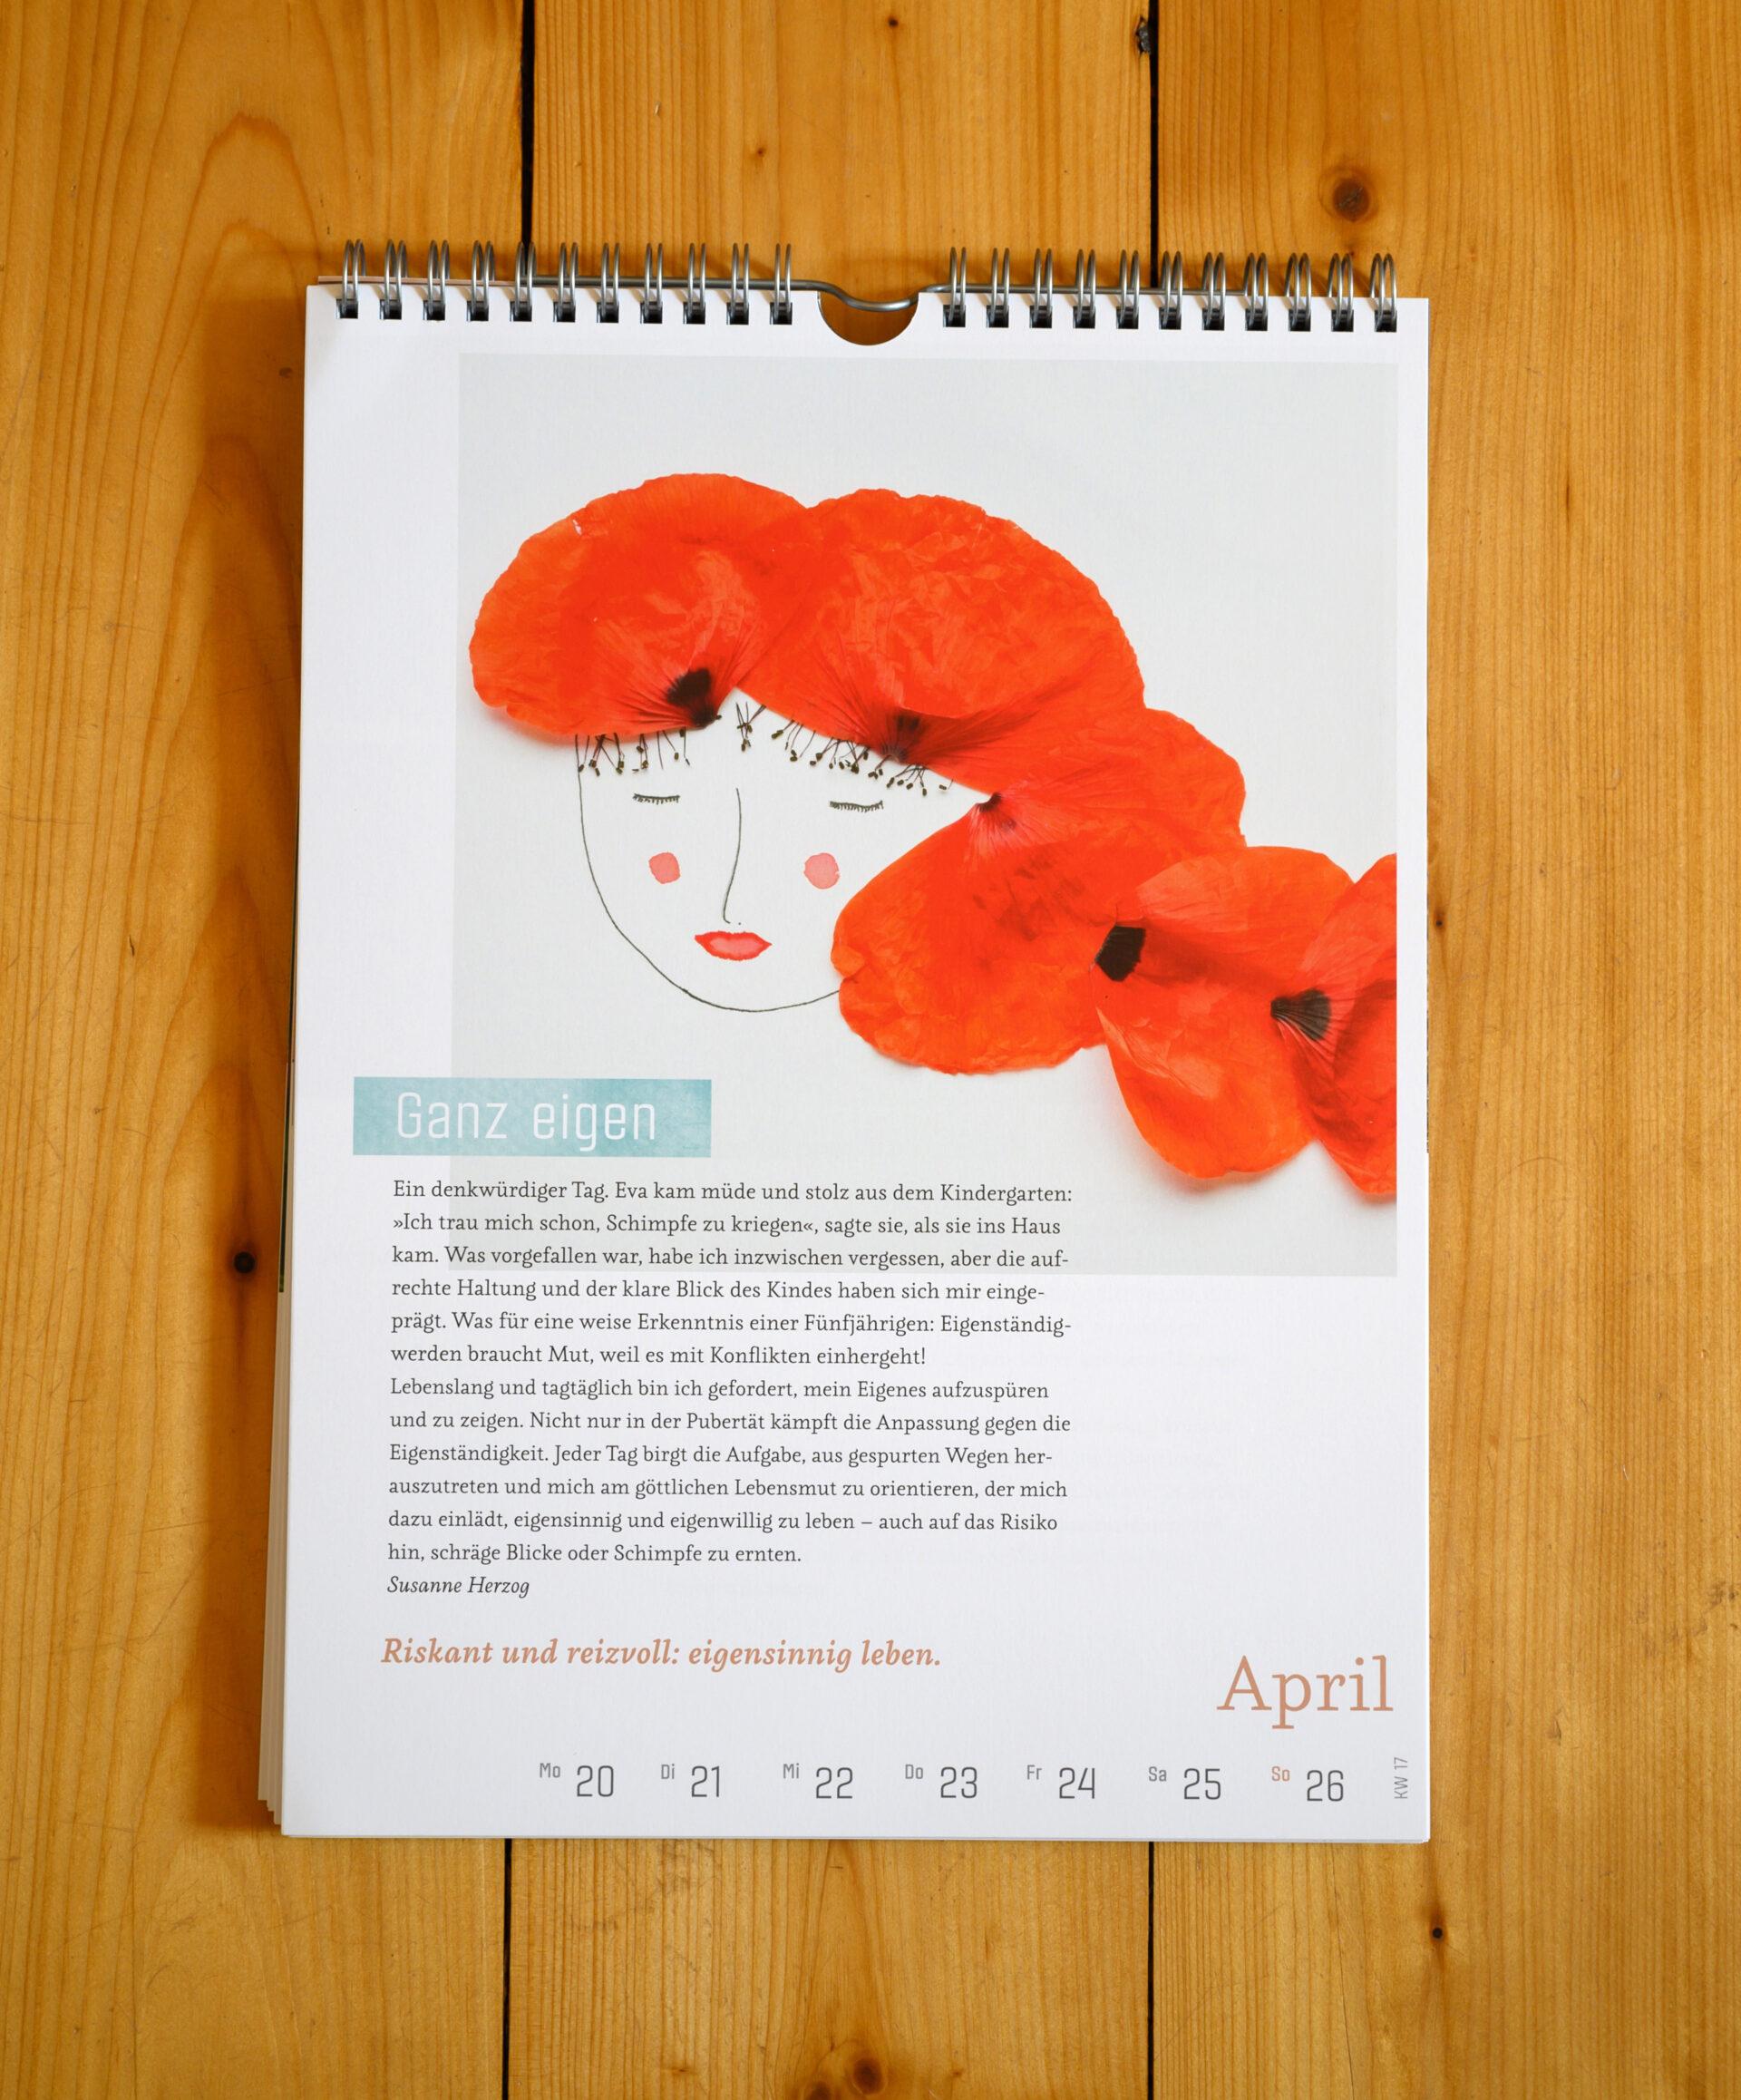 Frauenkalender